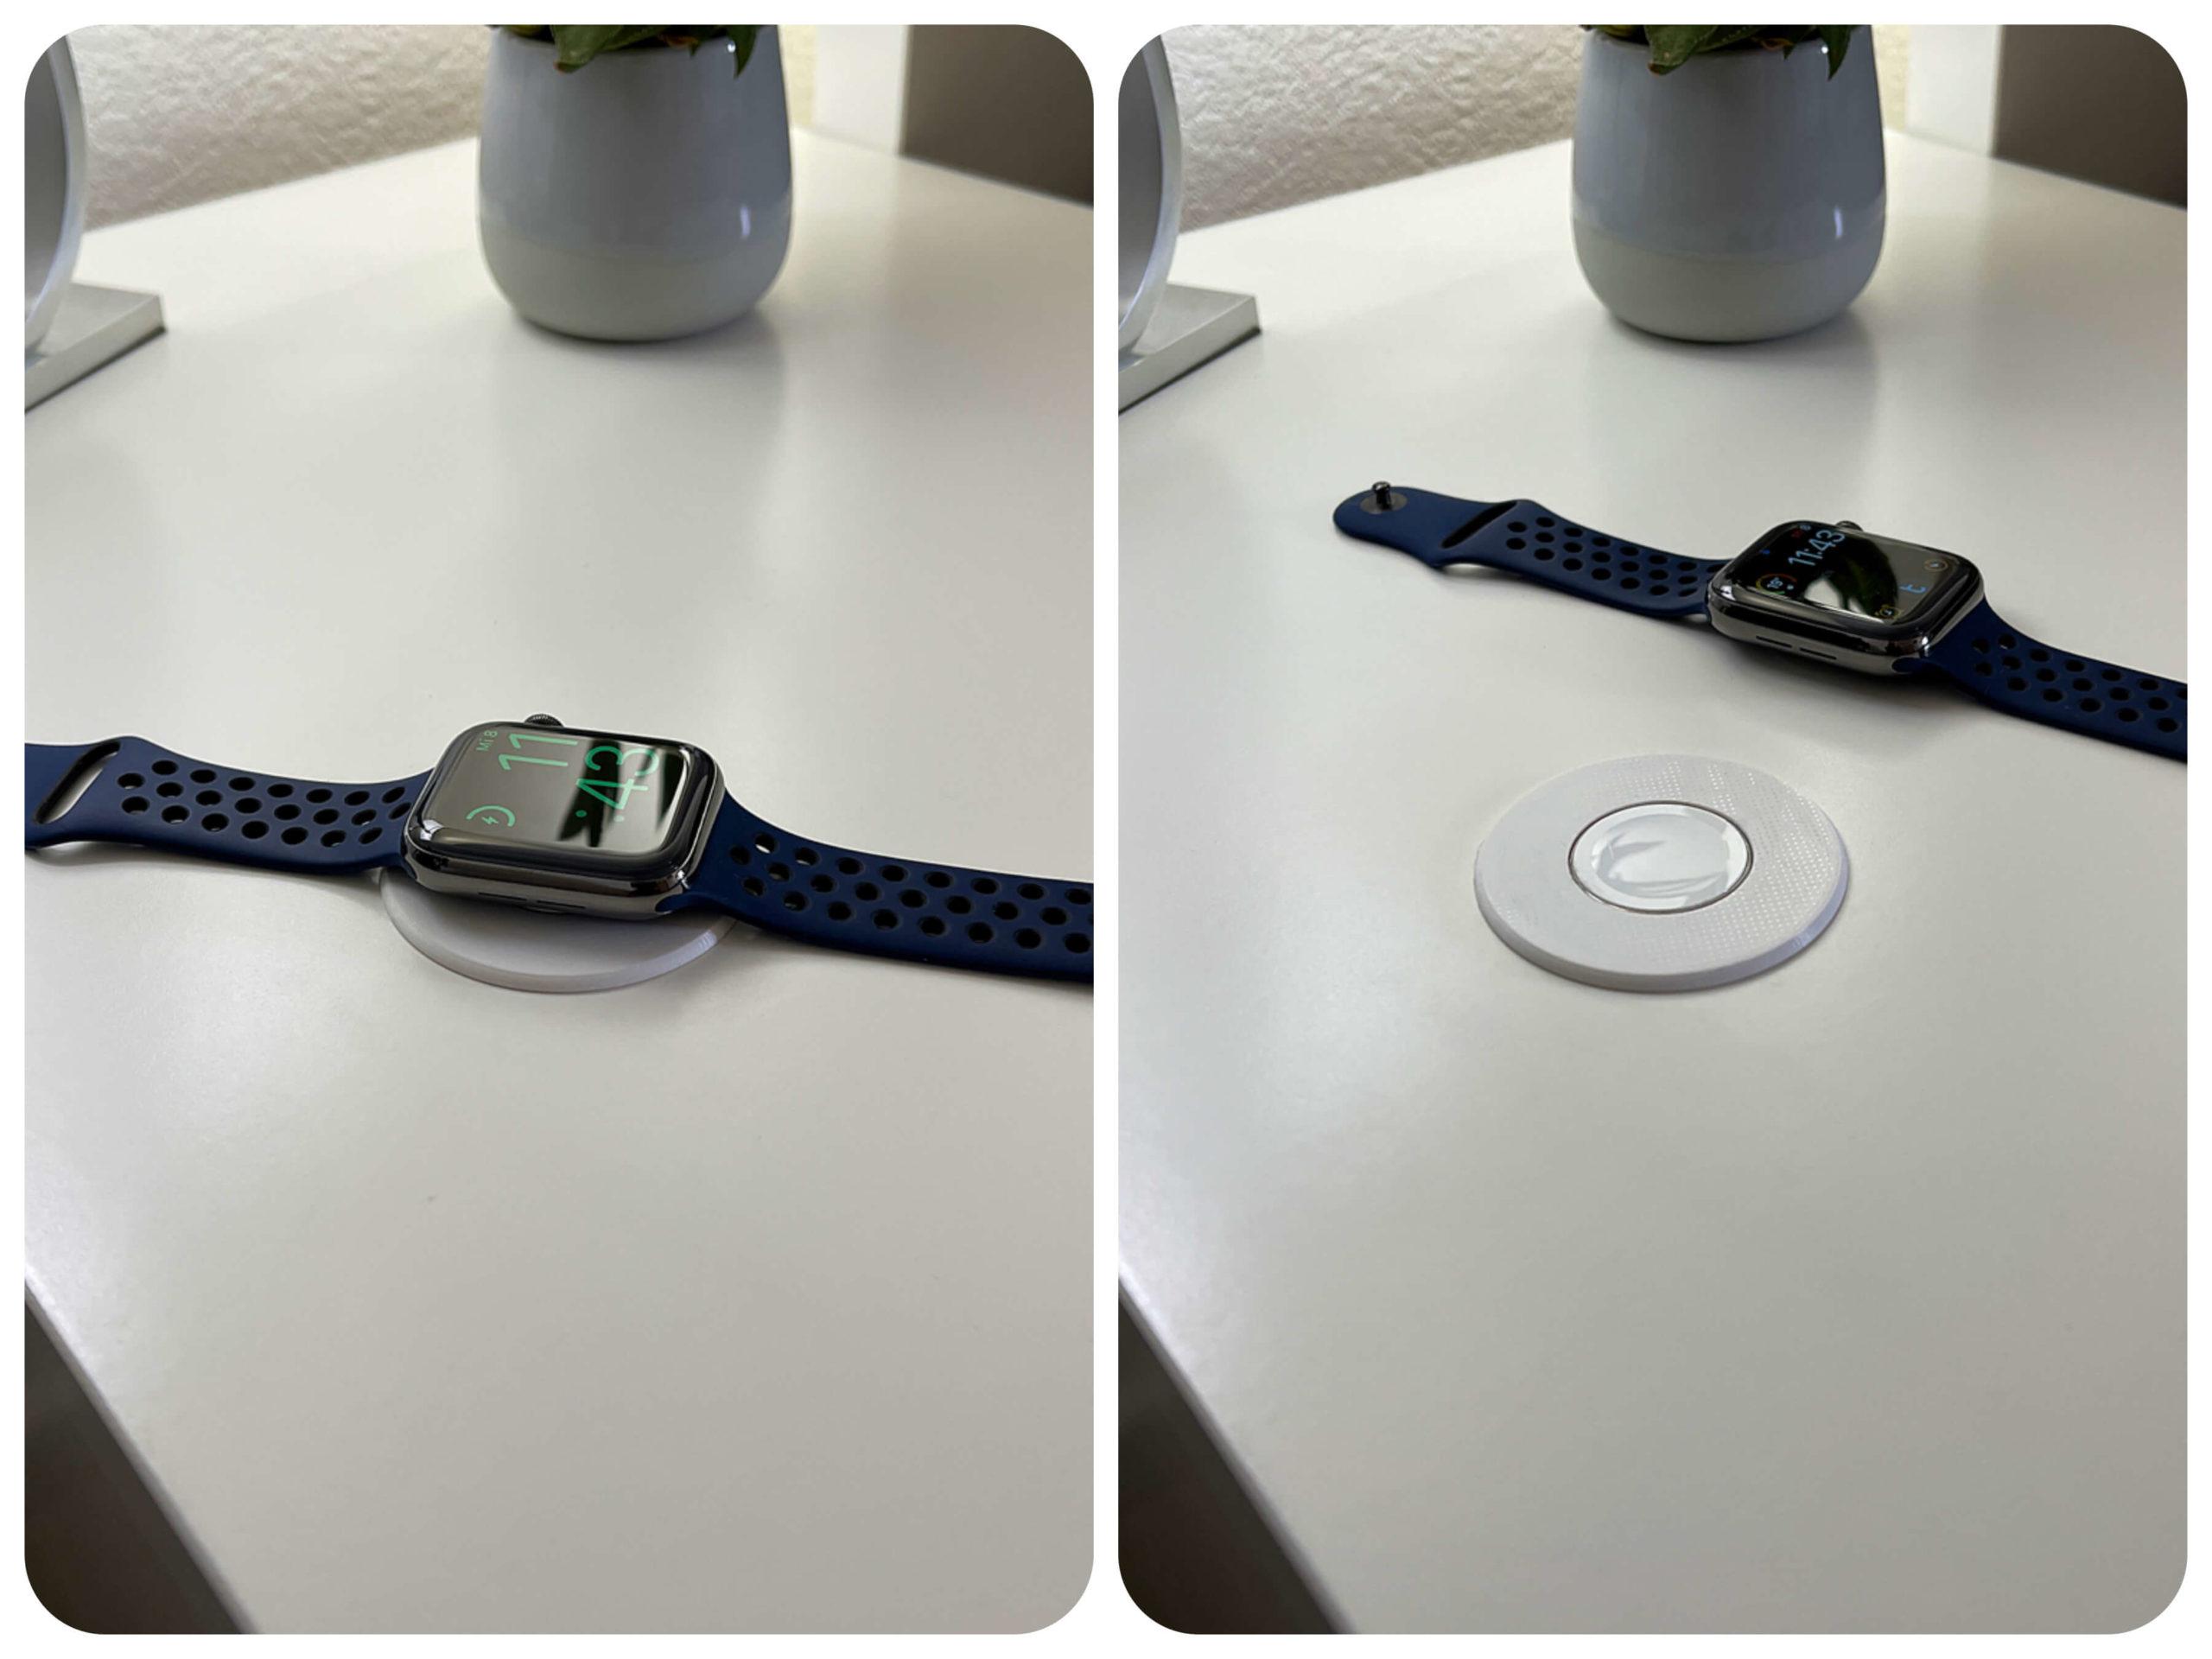 Anleitung-Apple-Watch-kabellos-ueber-Moebeloberflaeche-aufladen3-scaled Anleitung: Apple Watch kabellos und flach über Möbeloberfläche aufladen